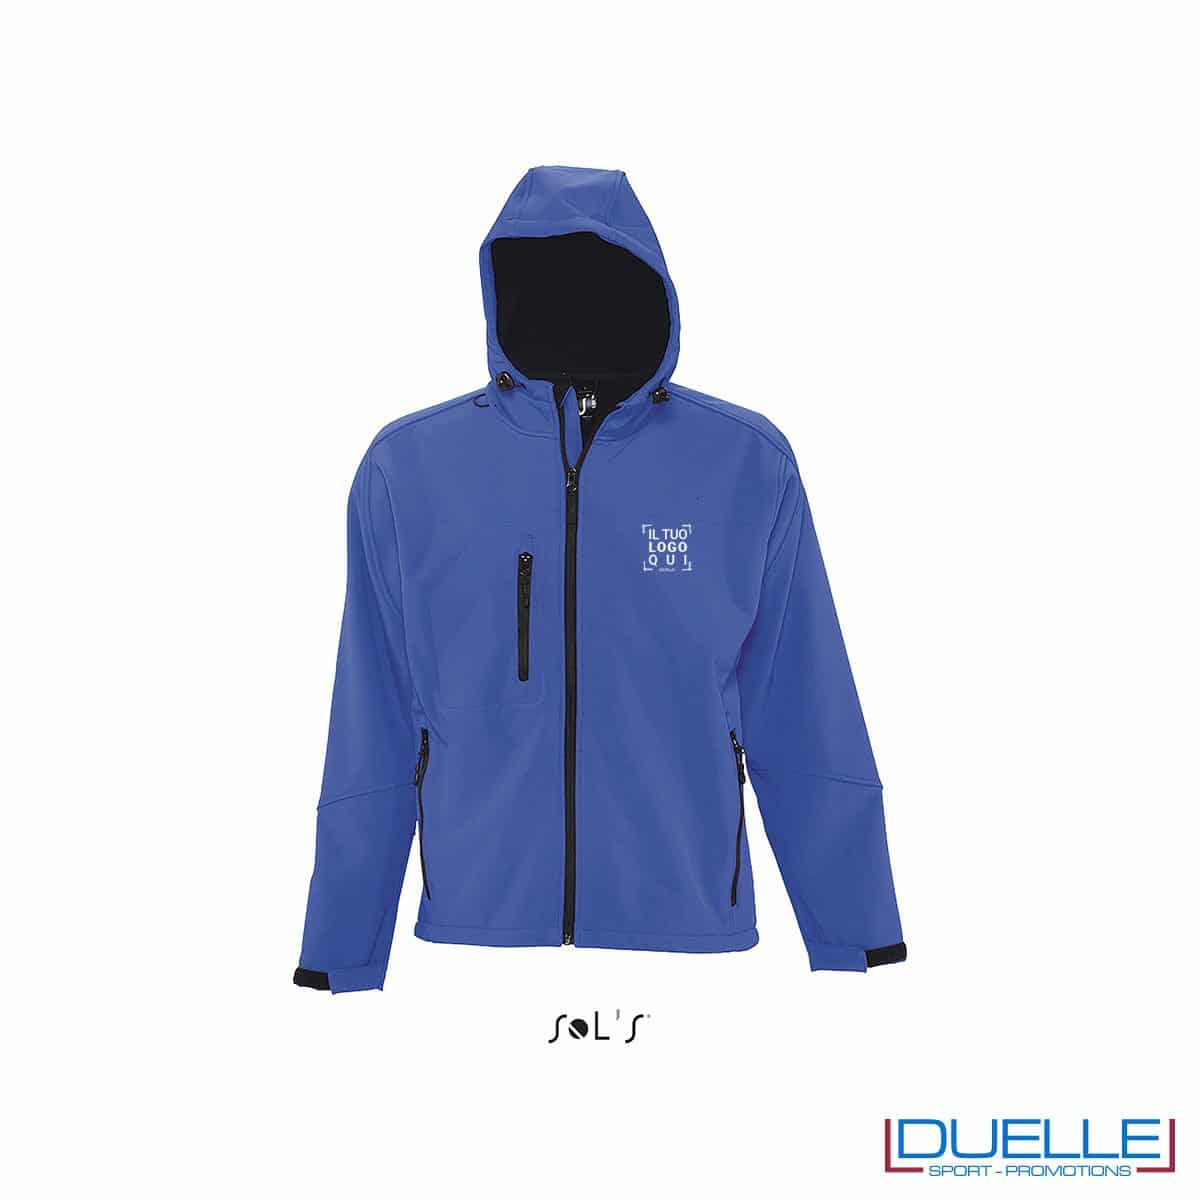 softshell personalizzato in colore blu